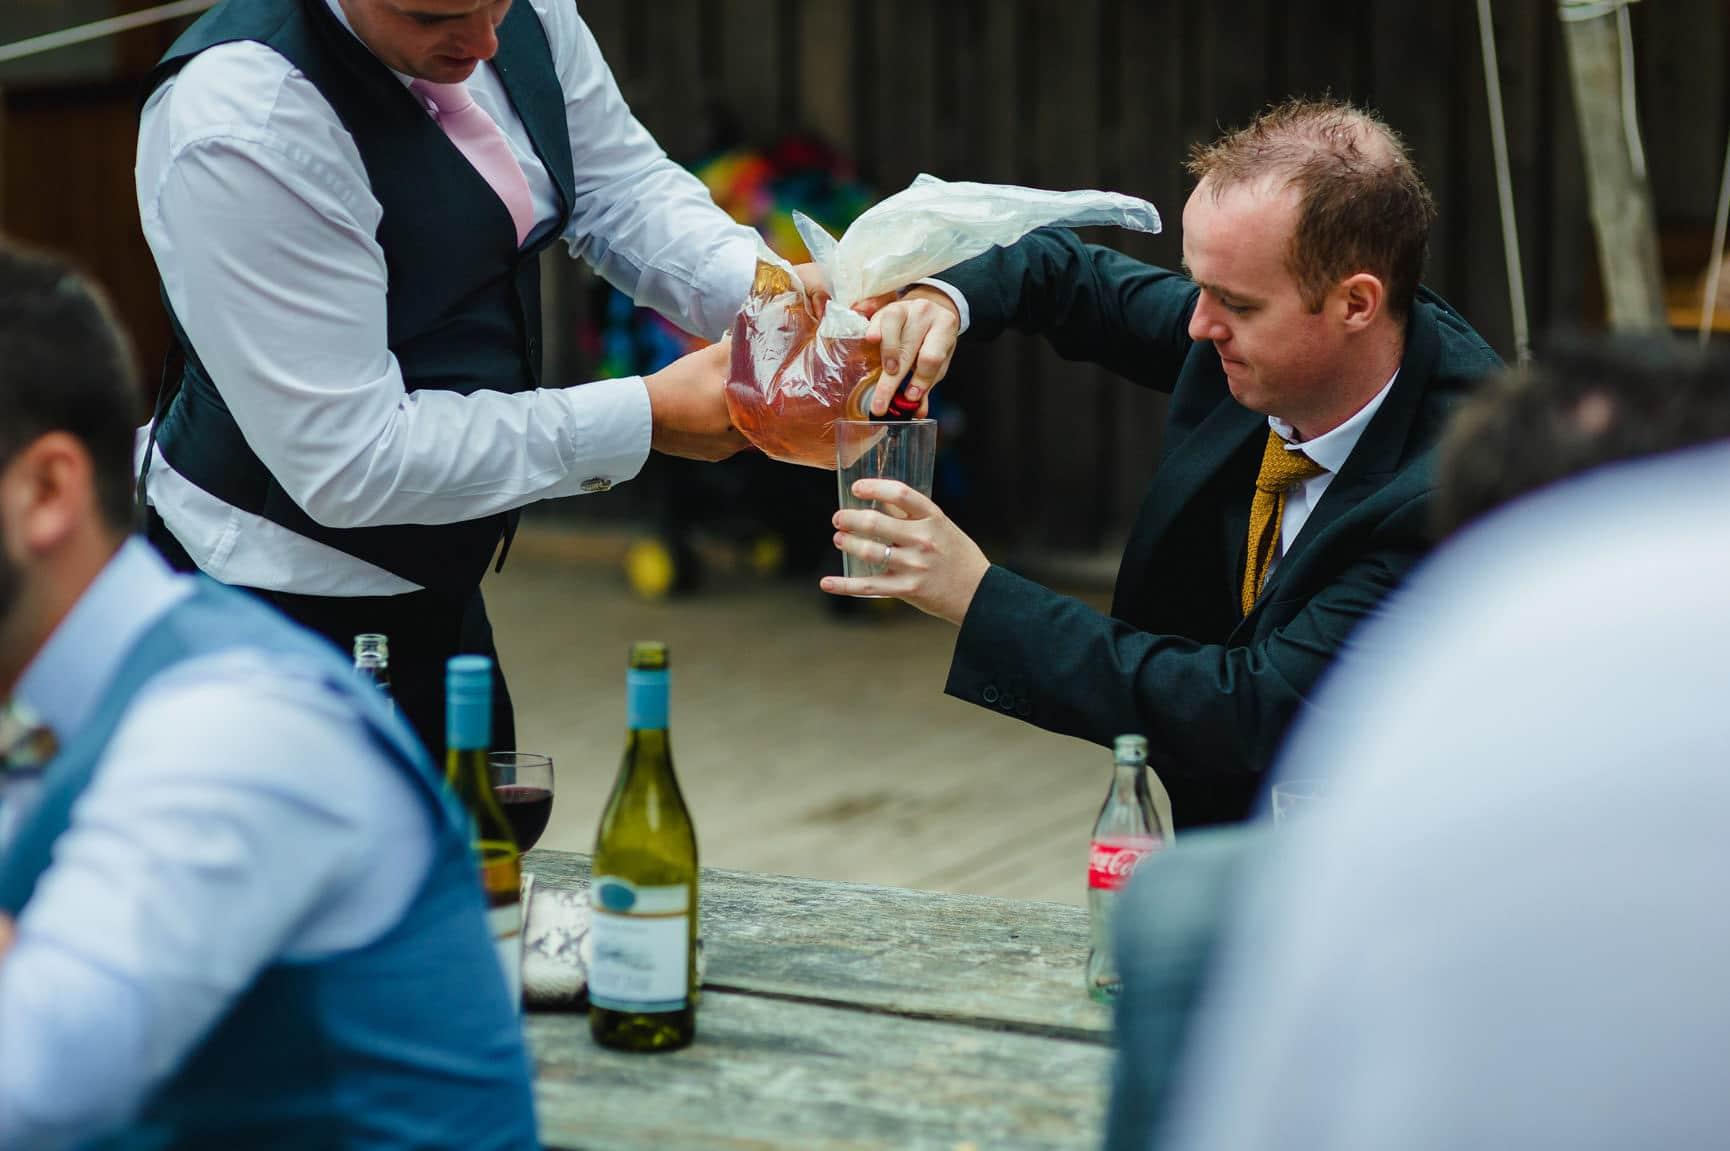 Fforest Wedding, Cardigan, Wales - Lauren and Gareth 200